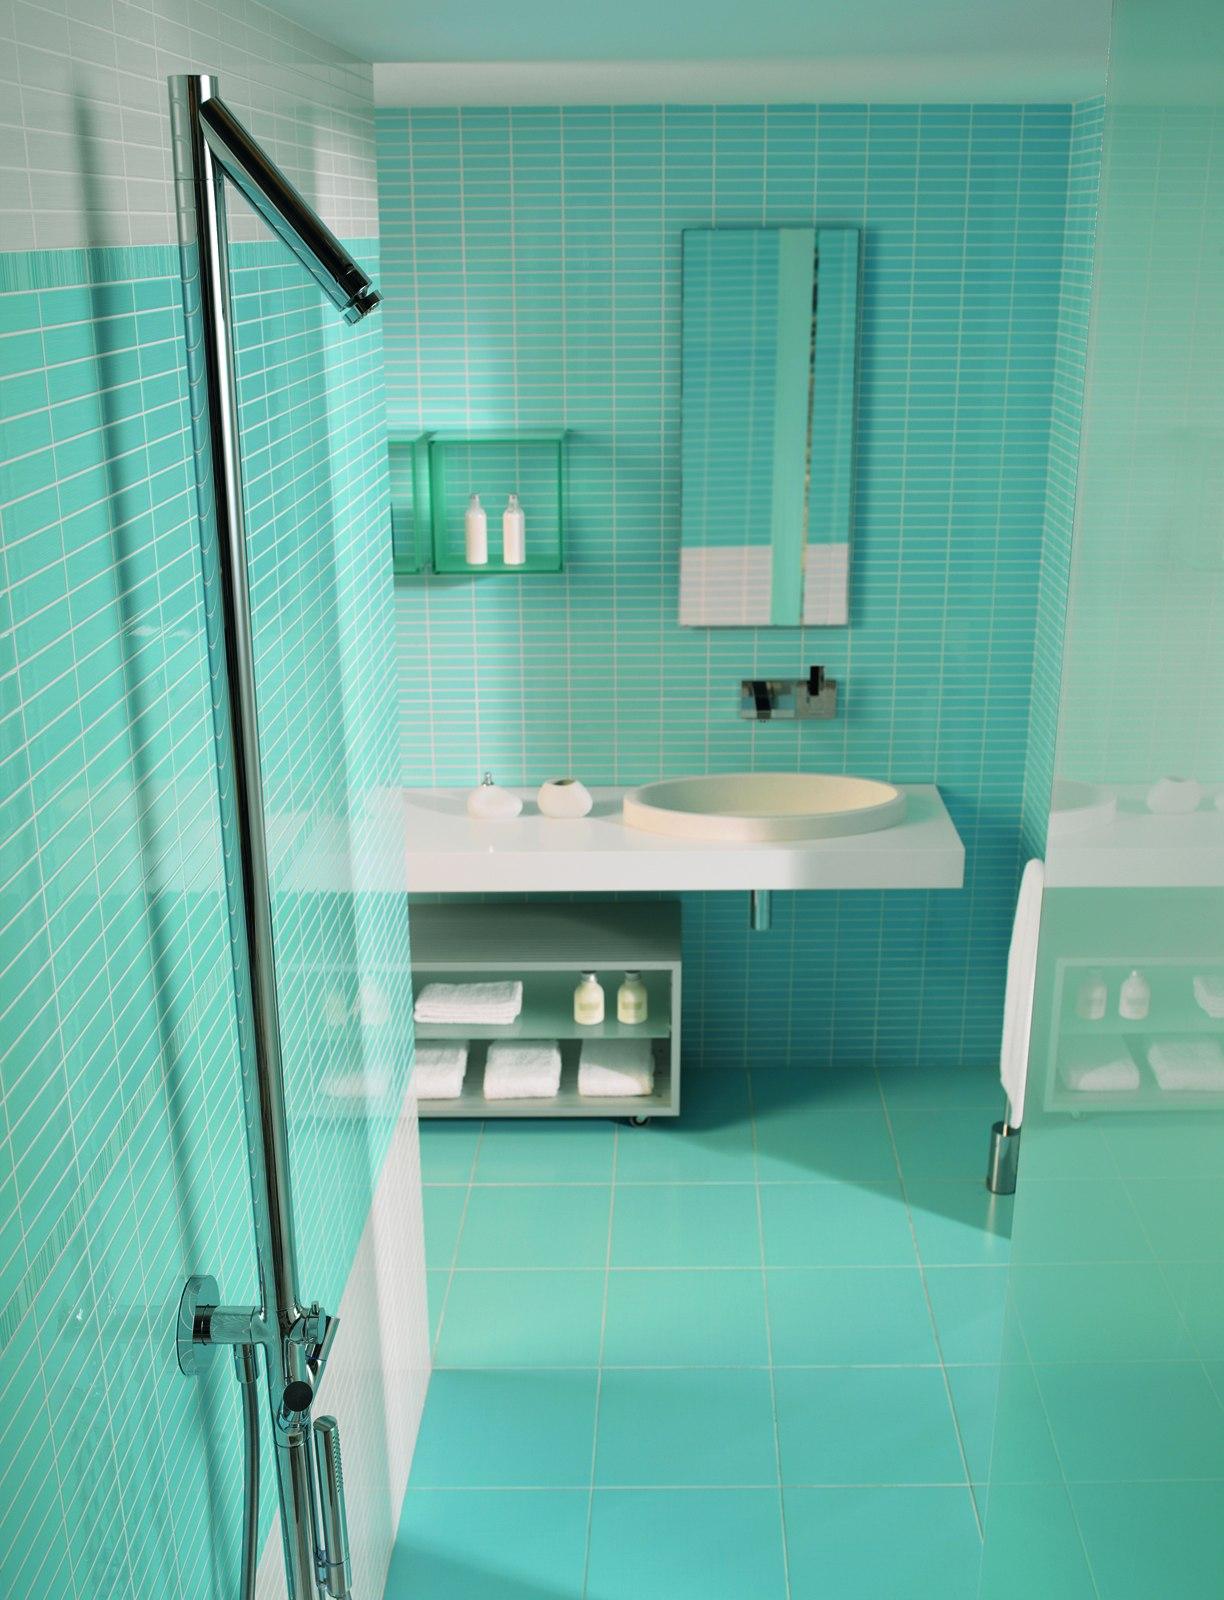 Fresh mattonelle colorate marazzi - Marazzi mattonelle bagno ...